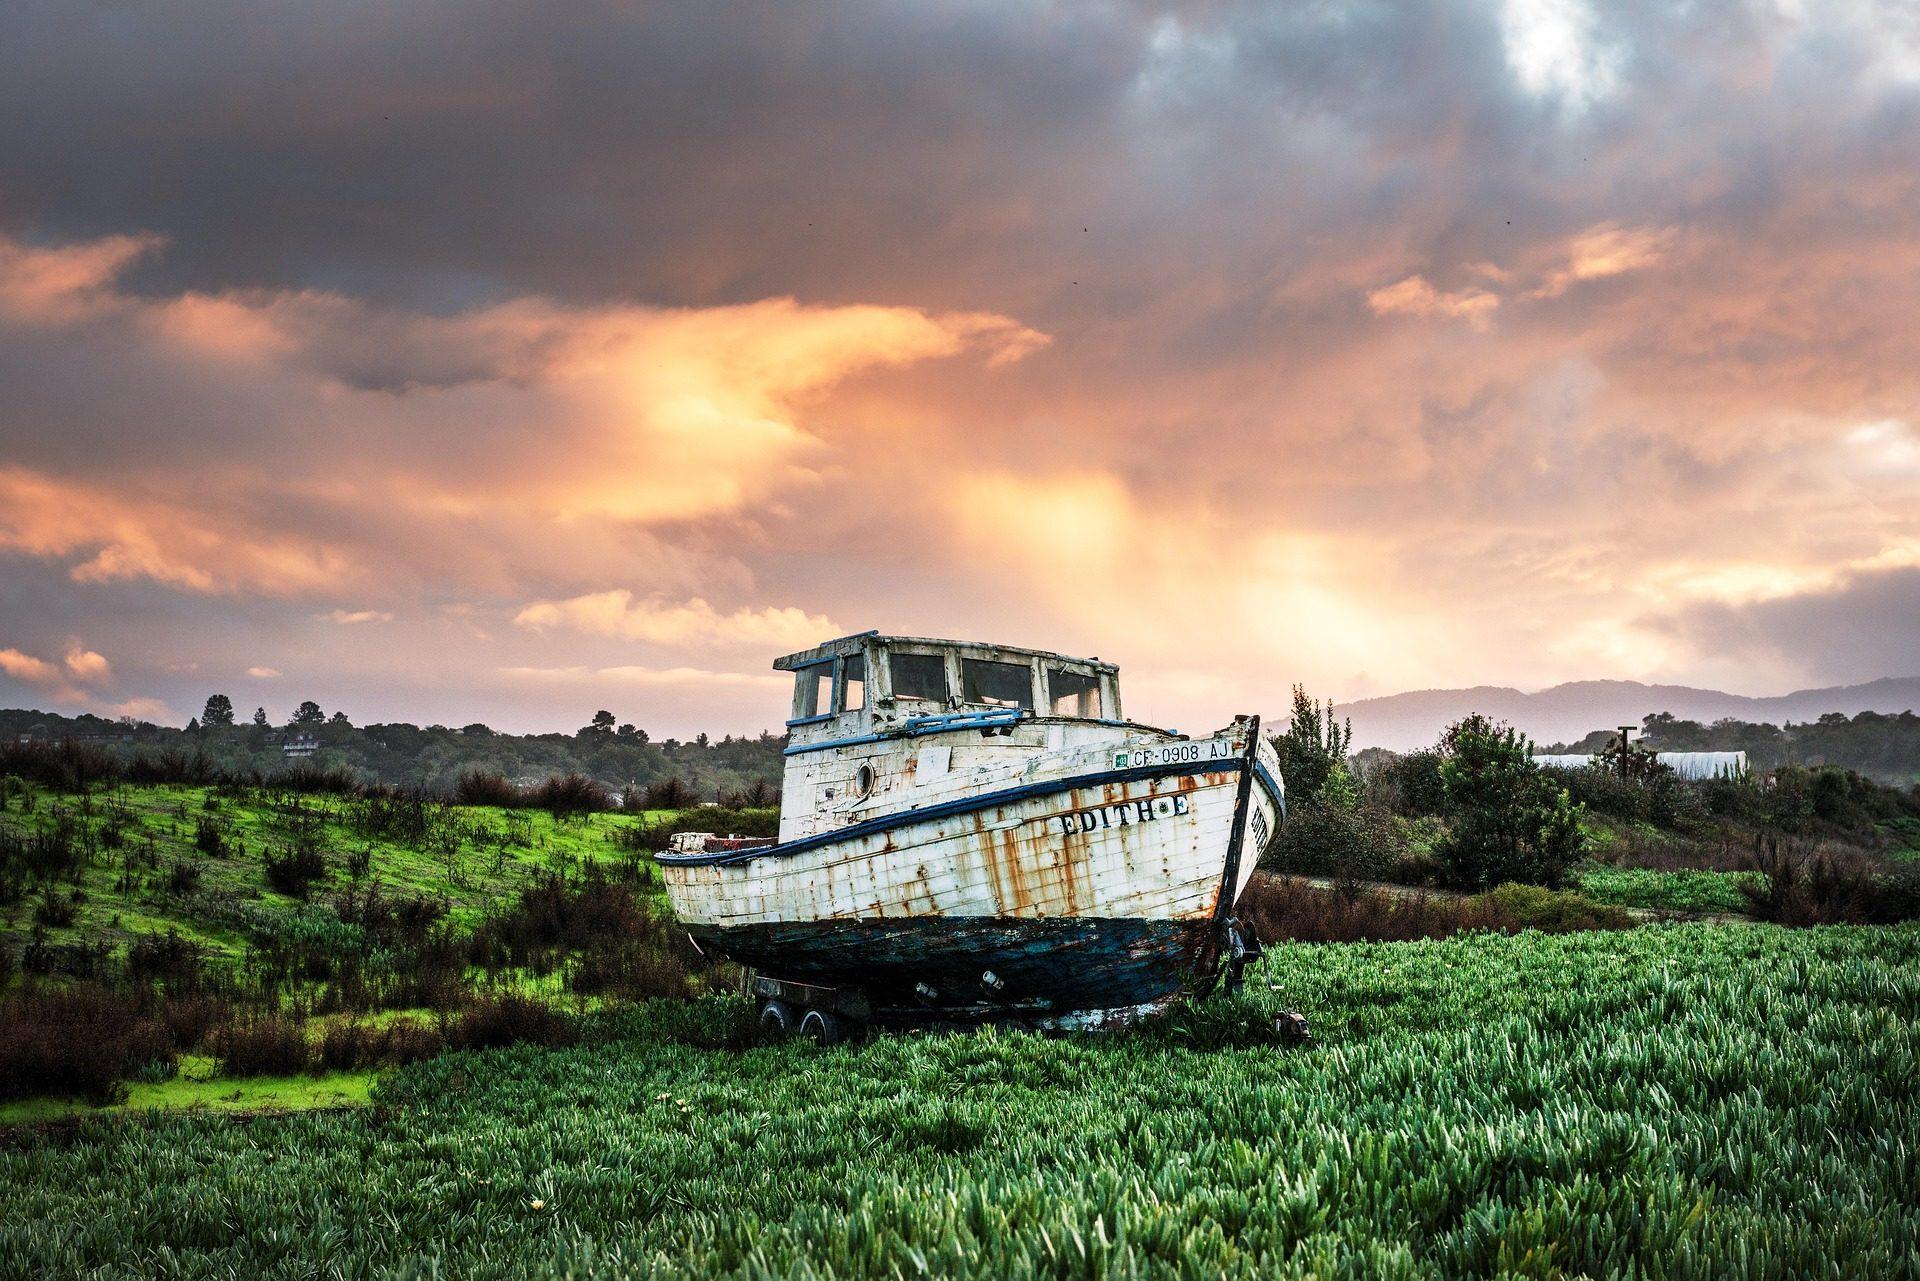 barco, pesca, pêche, barge, botebateauy, domaine, nuages - Fonds d'écran HD - Professor-falken.com